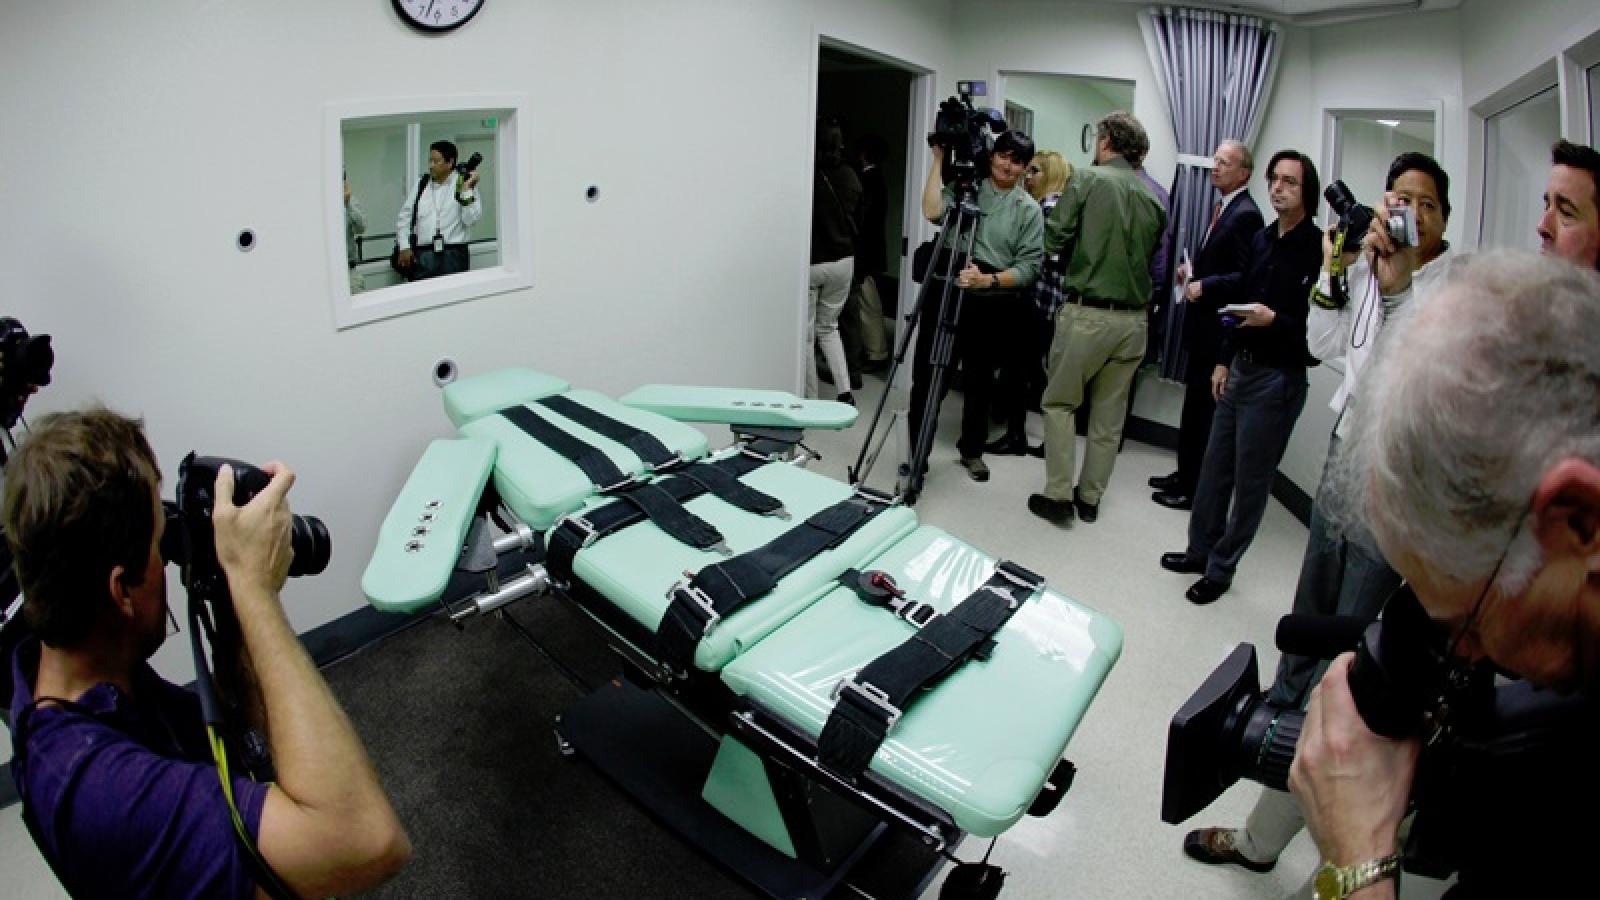 Mỹ khôi phục thi hành án tử hình vào tháng 7 tới